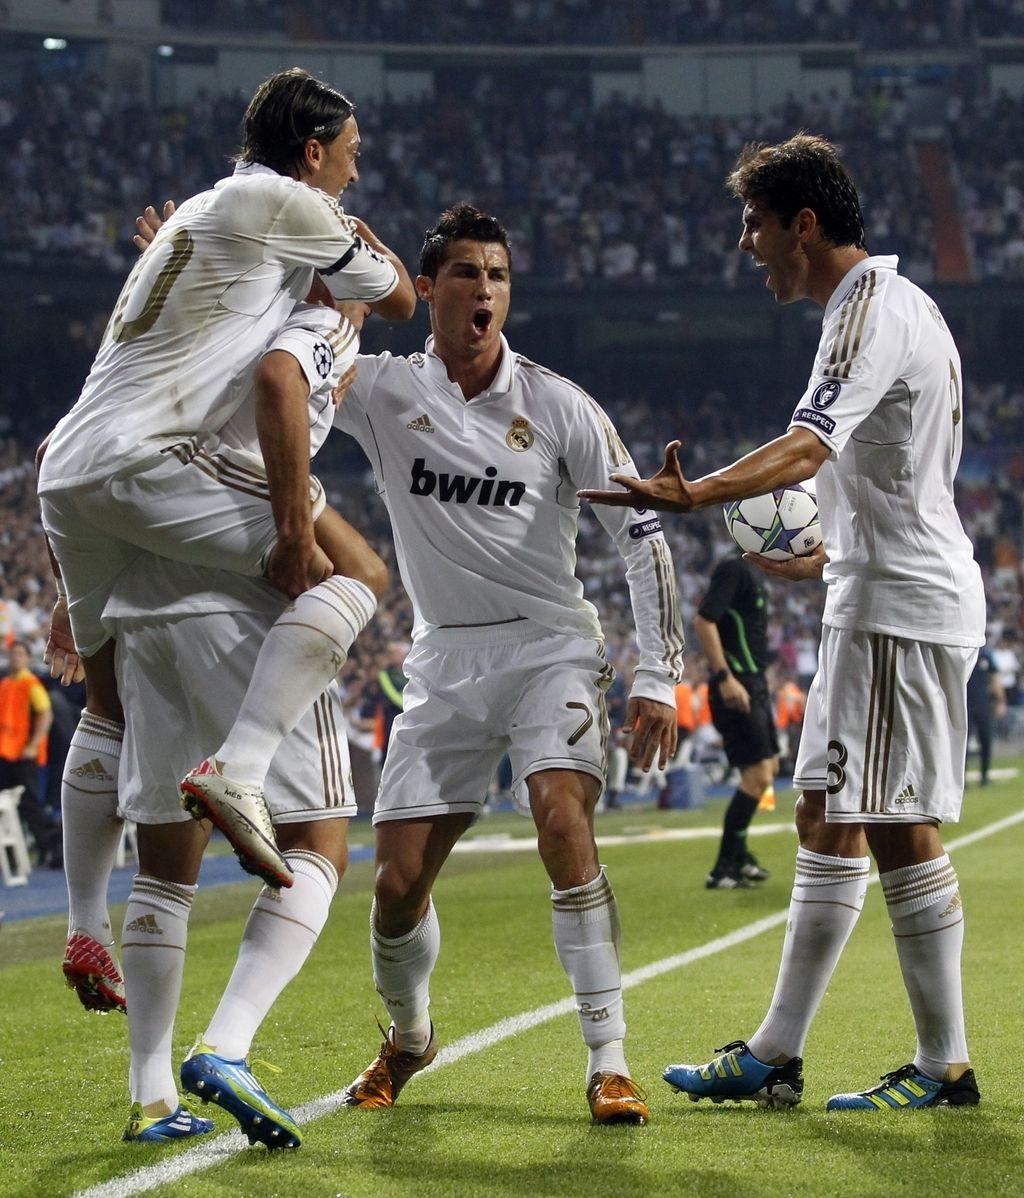 El contragolpe del Madrid, letal